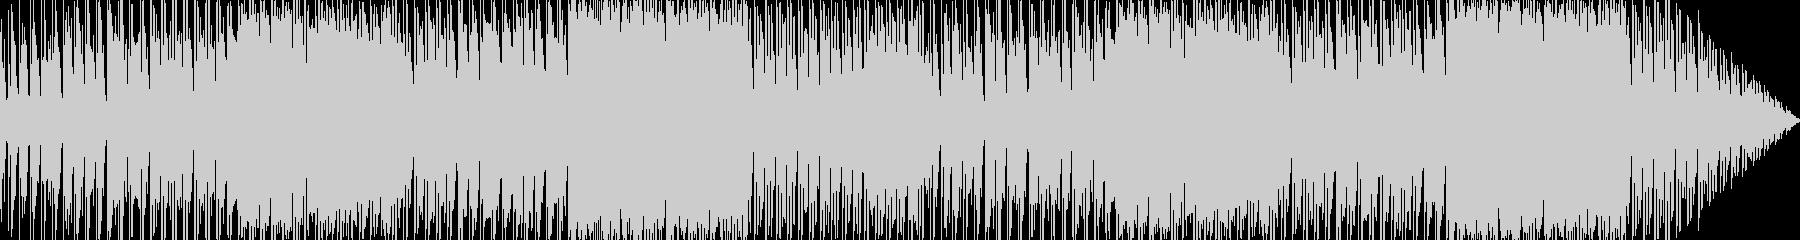 異国の高原をイメージした楽曲の未再生の波形